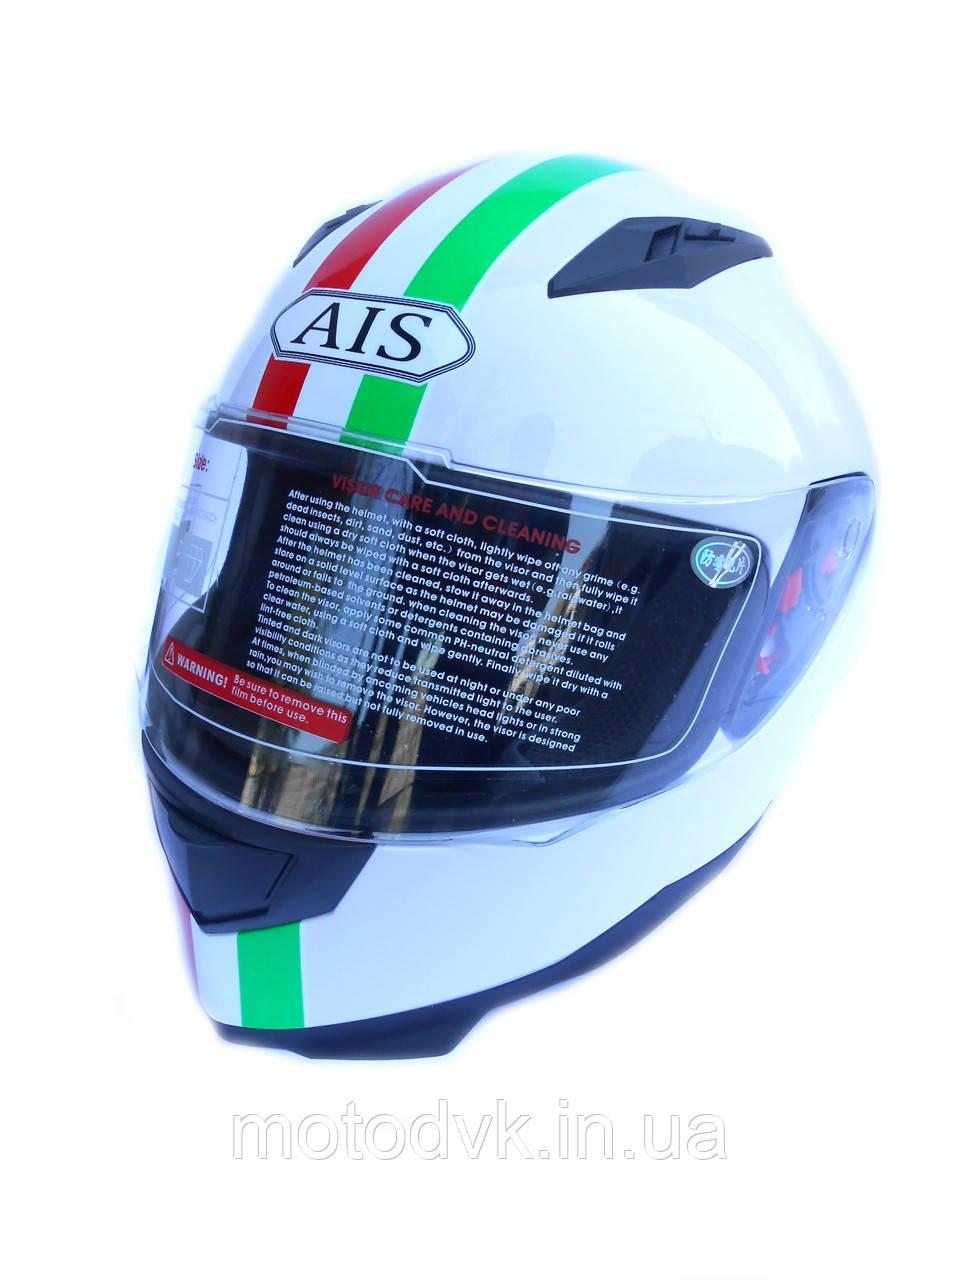 Мотошлем AIS белый, размер L  (со съемным воротником)